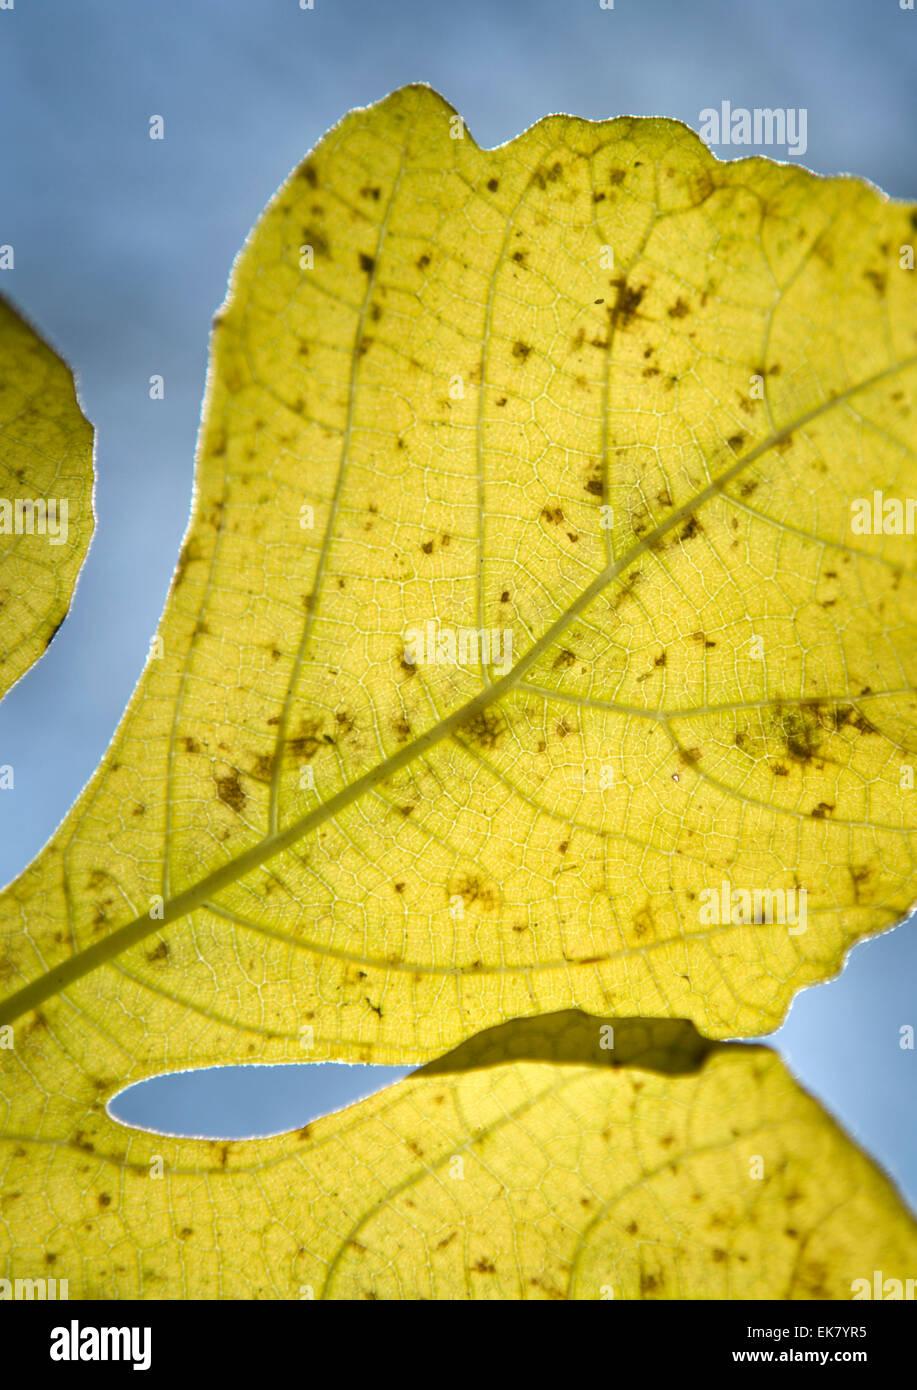 Winter leaves against the light, Gudalquivir grove of trees, Cordoba, Spain Stock Photo